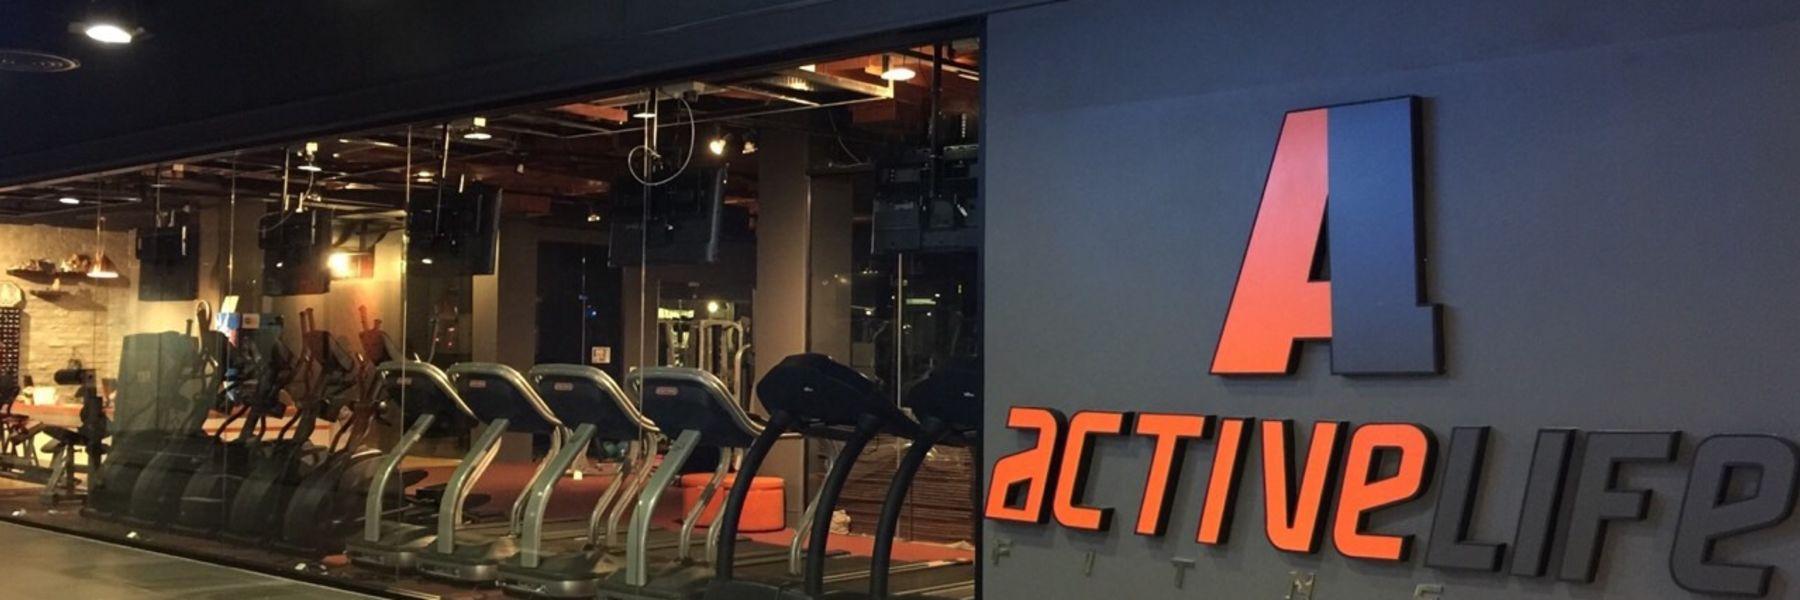 Active Life Fitness - Ekkamai image